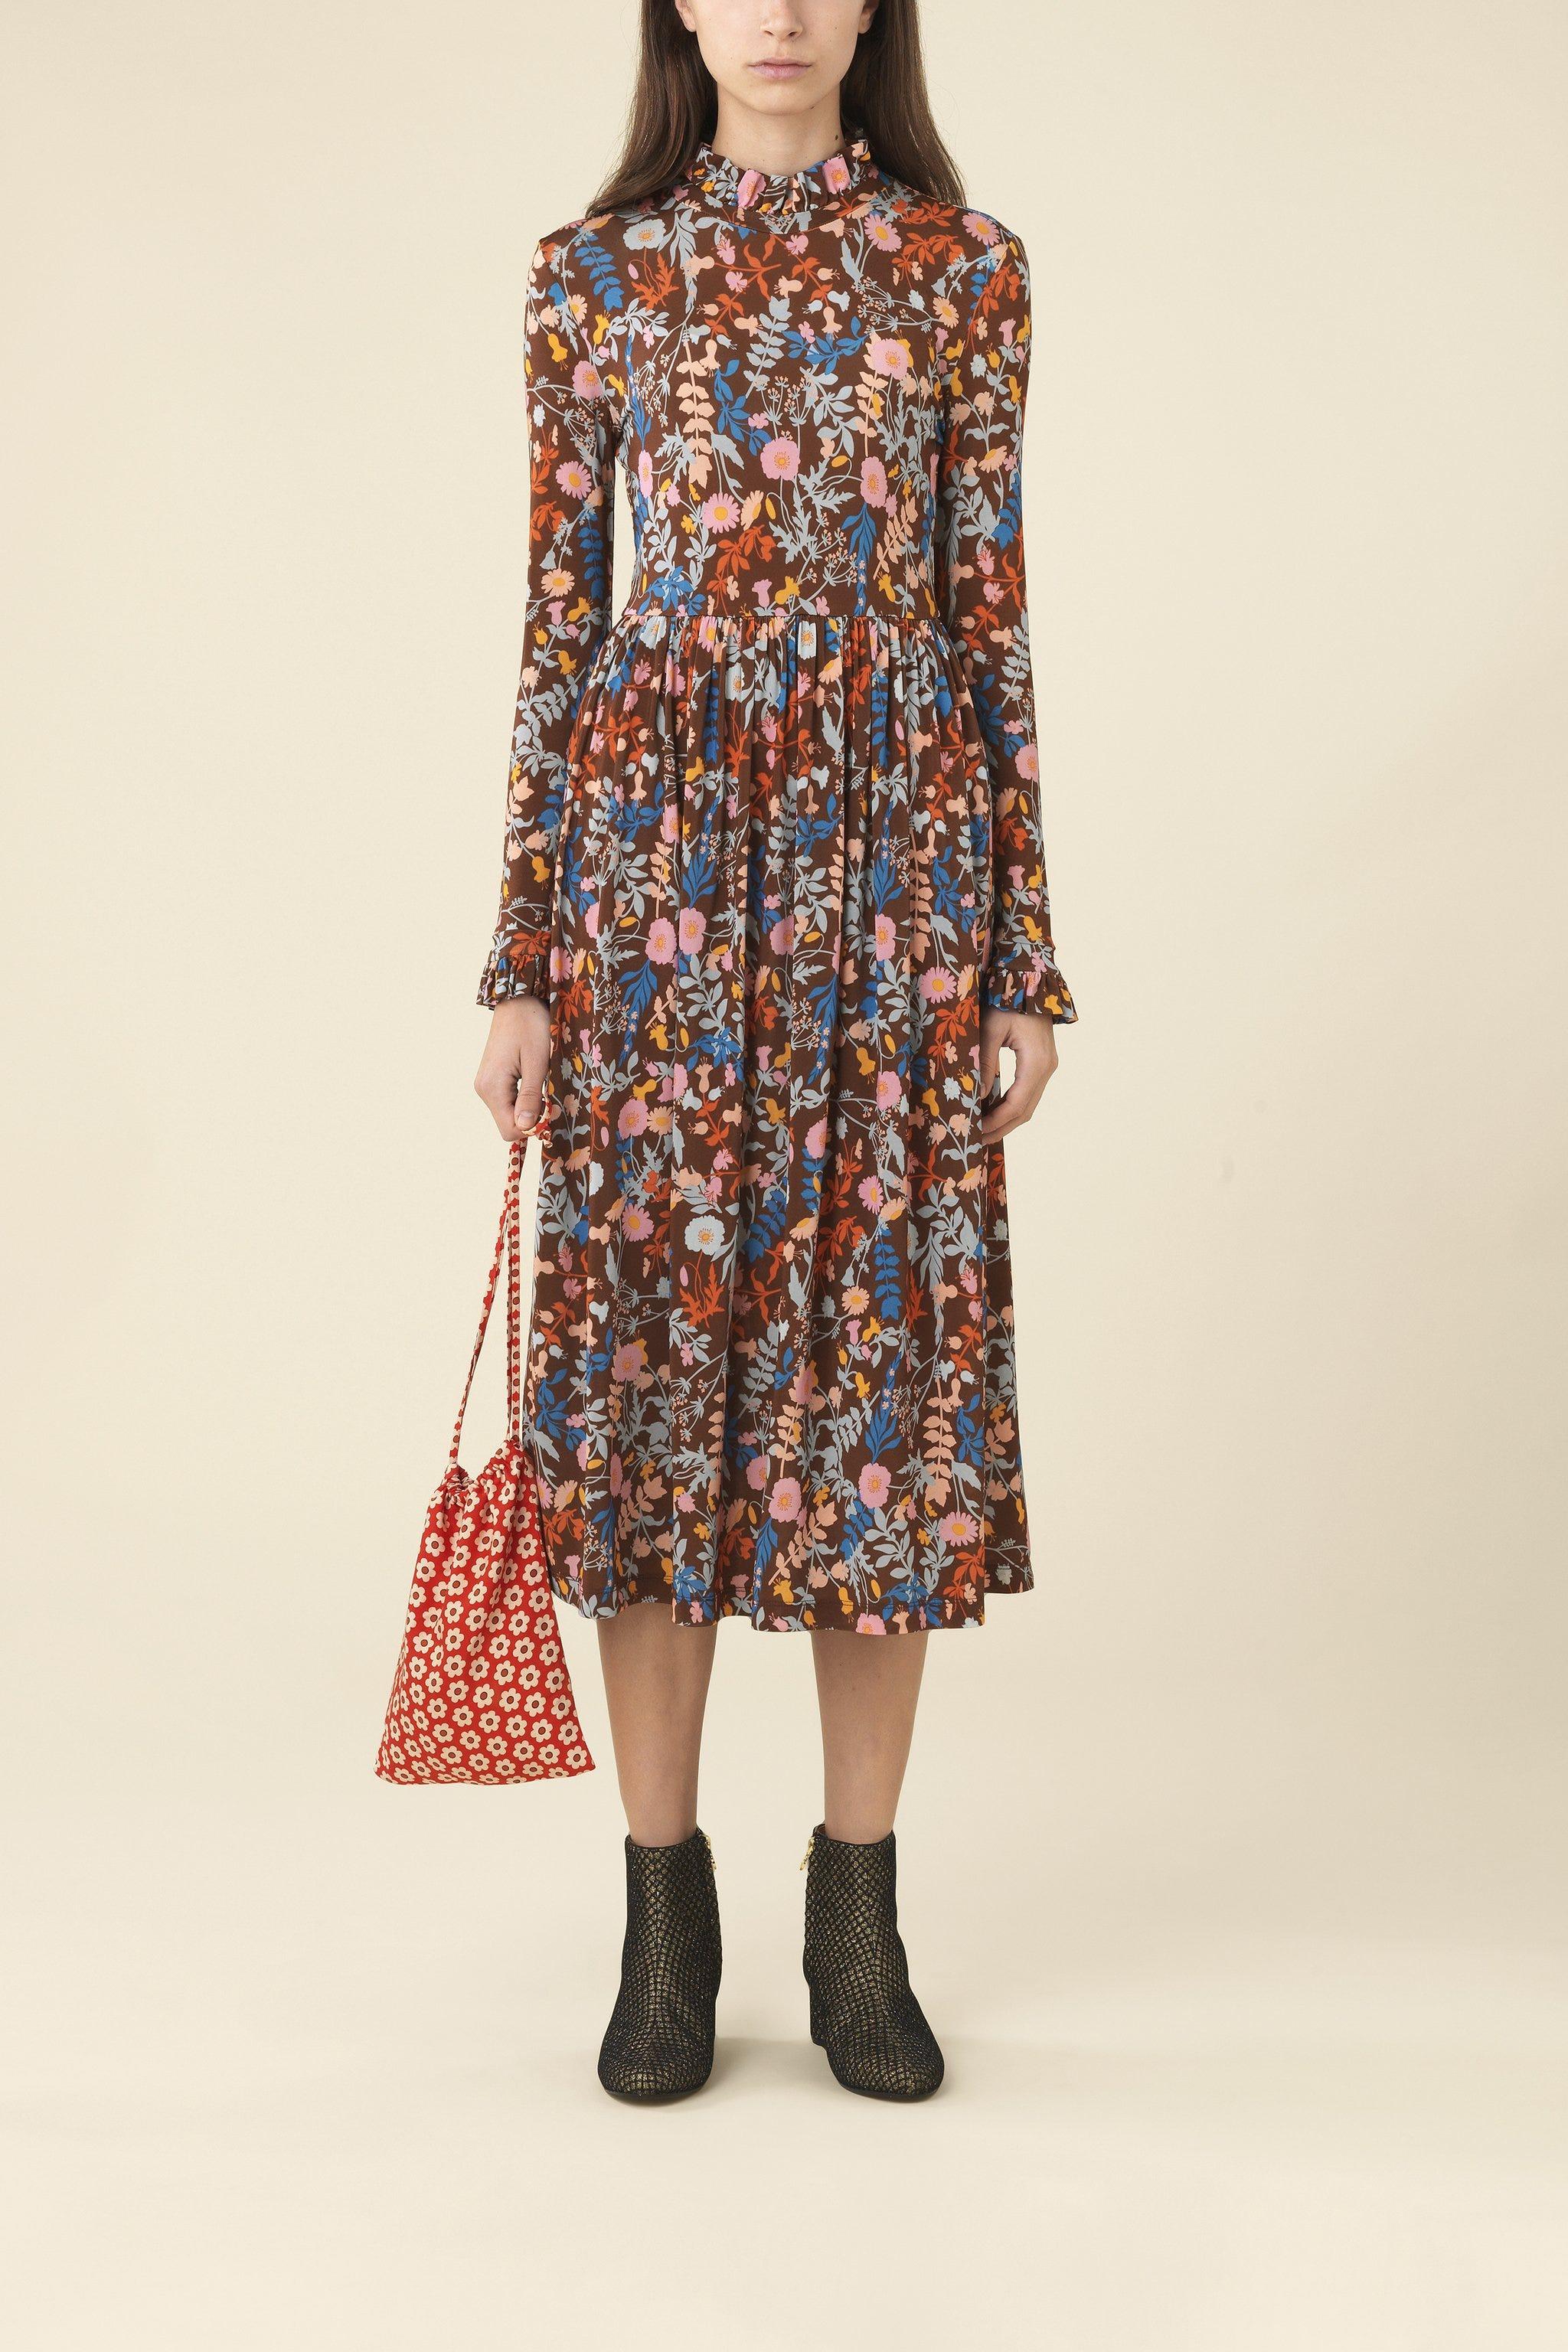 7813682cca9 Summer Fashion Trends 2019 Tie Dye To Florals